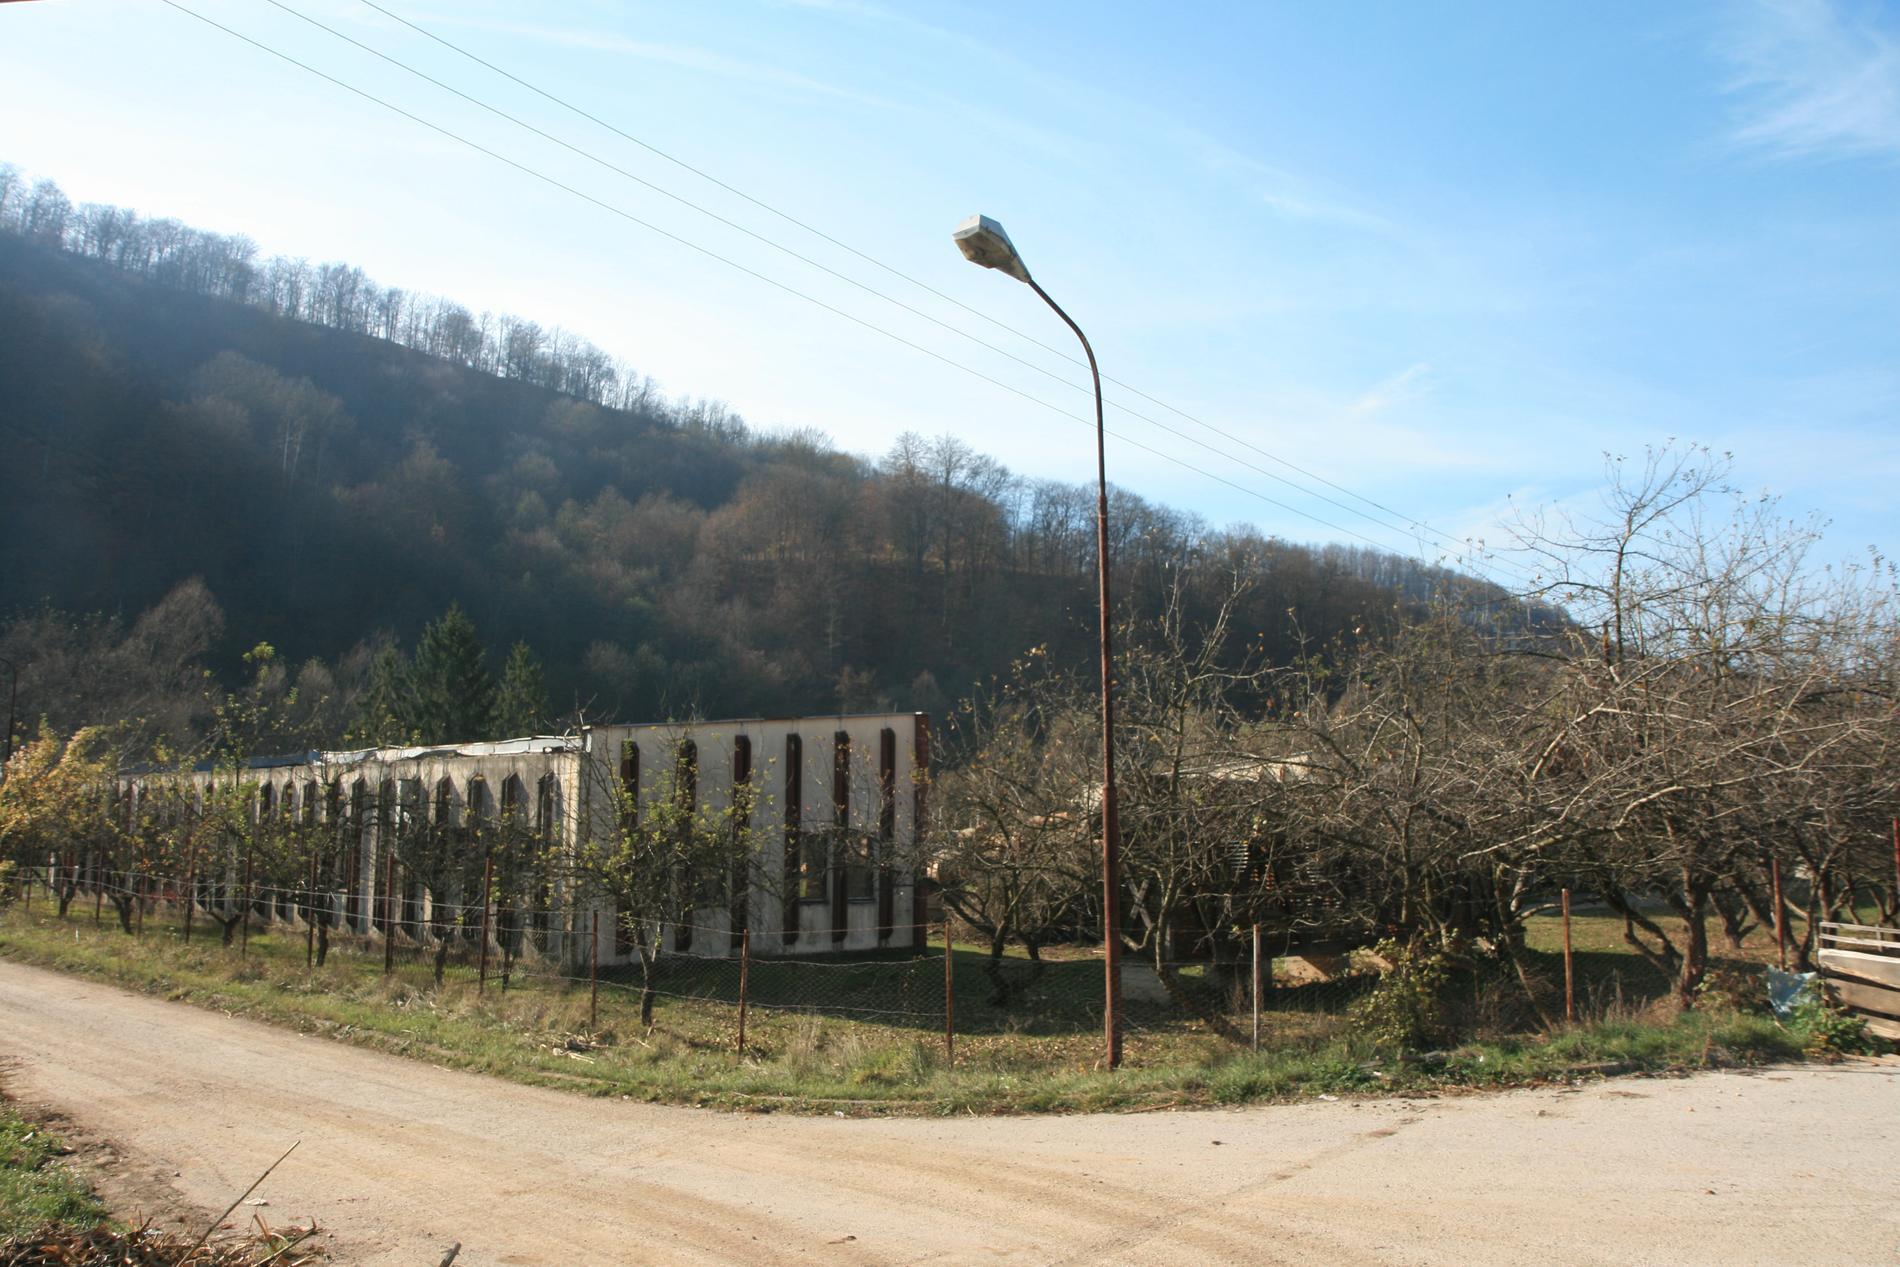 Lagerbyggnaden i Kravica. Här mördades över 1000 män och pojkar i juli 2015. Människorna trängdes in i byggnaden och granater kastades in. Överlevande sköts. Det blev inledningen på folkmordet kring Srebrenica.